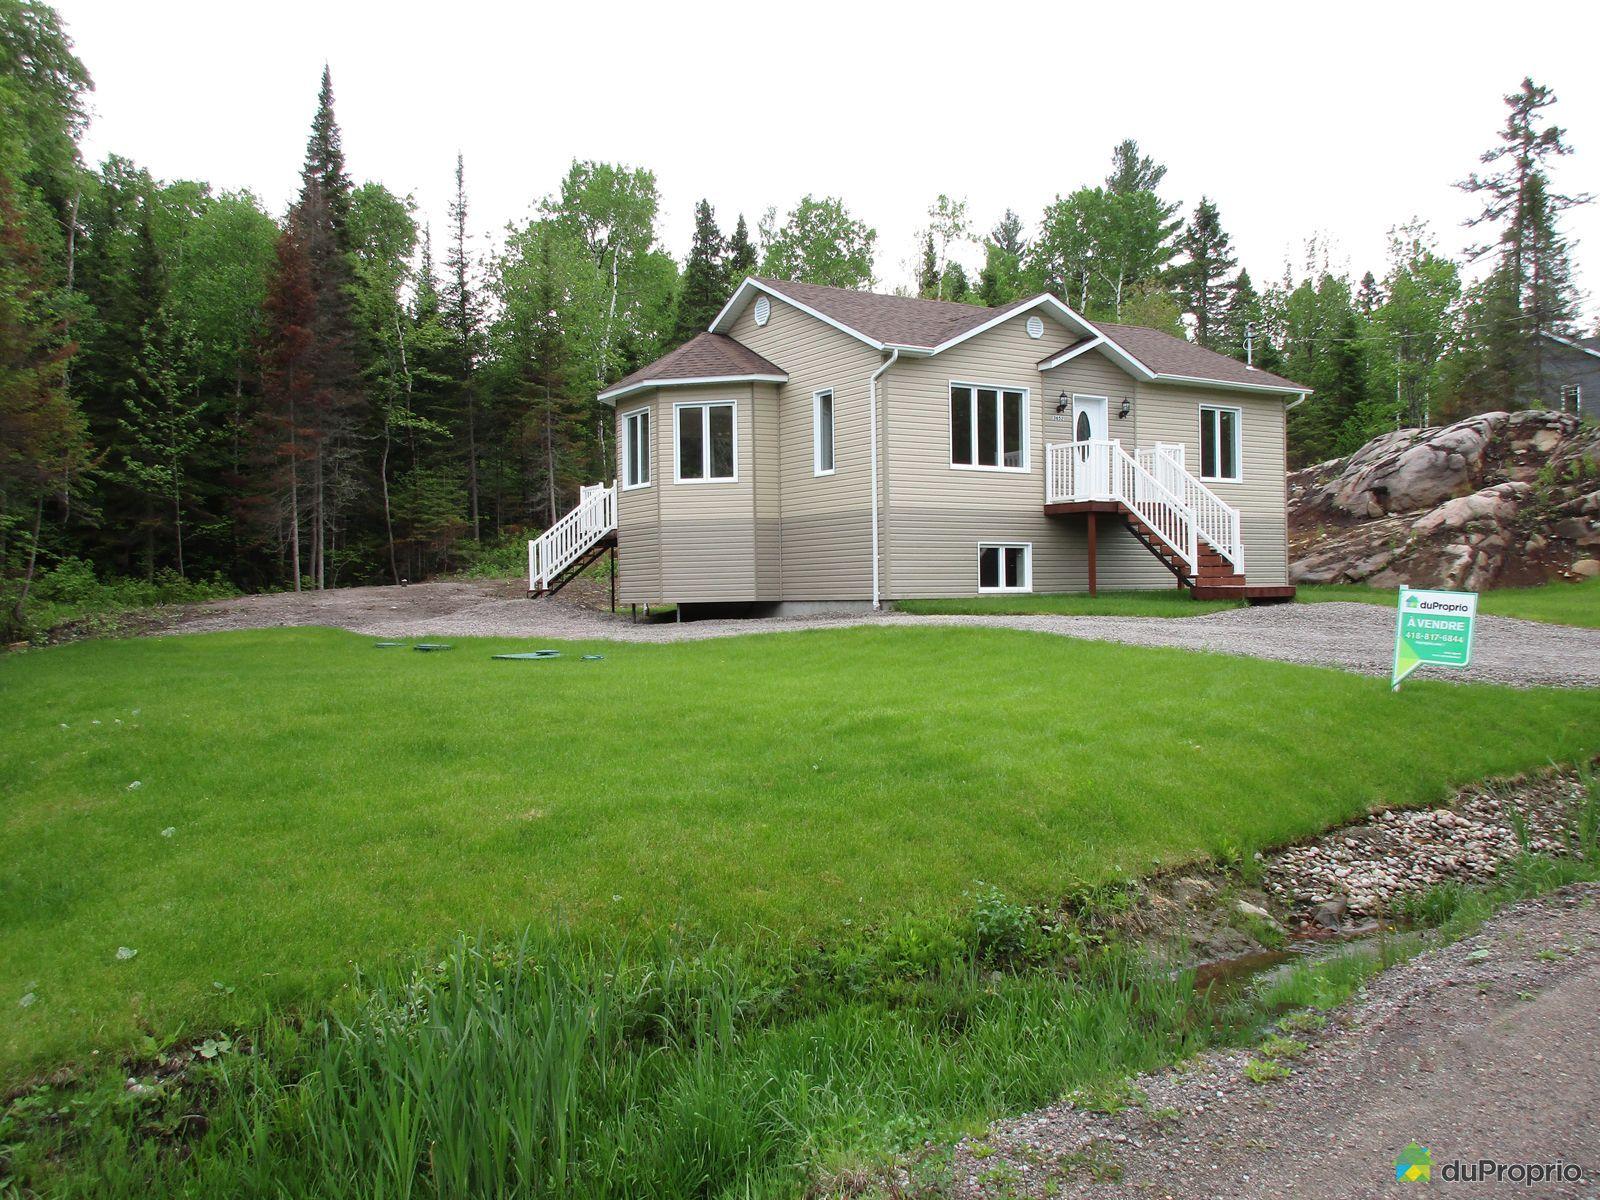 Maison neuve vendu lac k nogami immobilier qu bec for Promoteur maison neuve